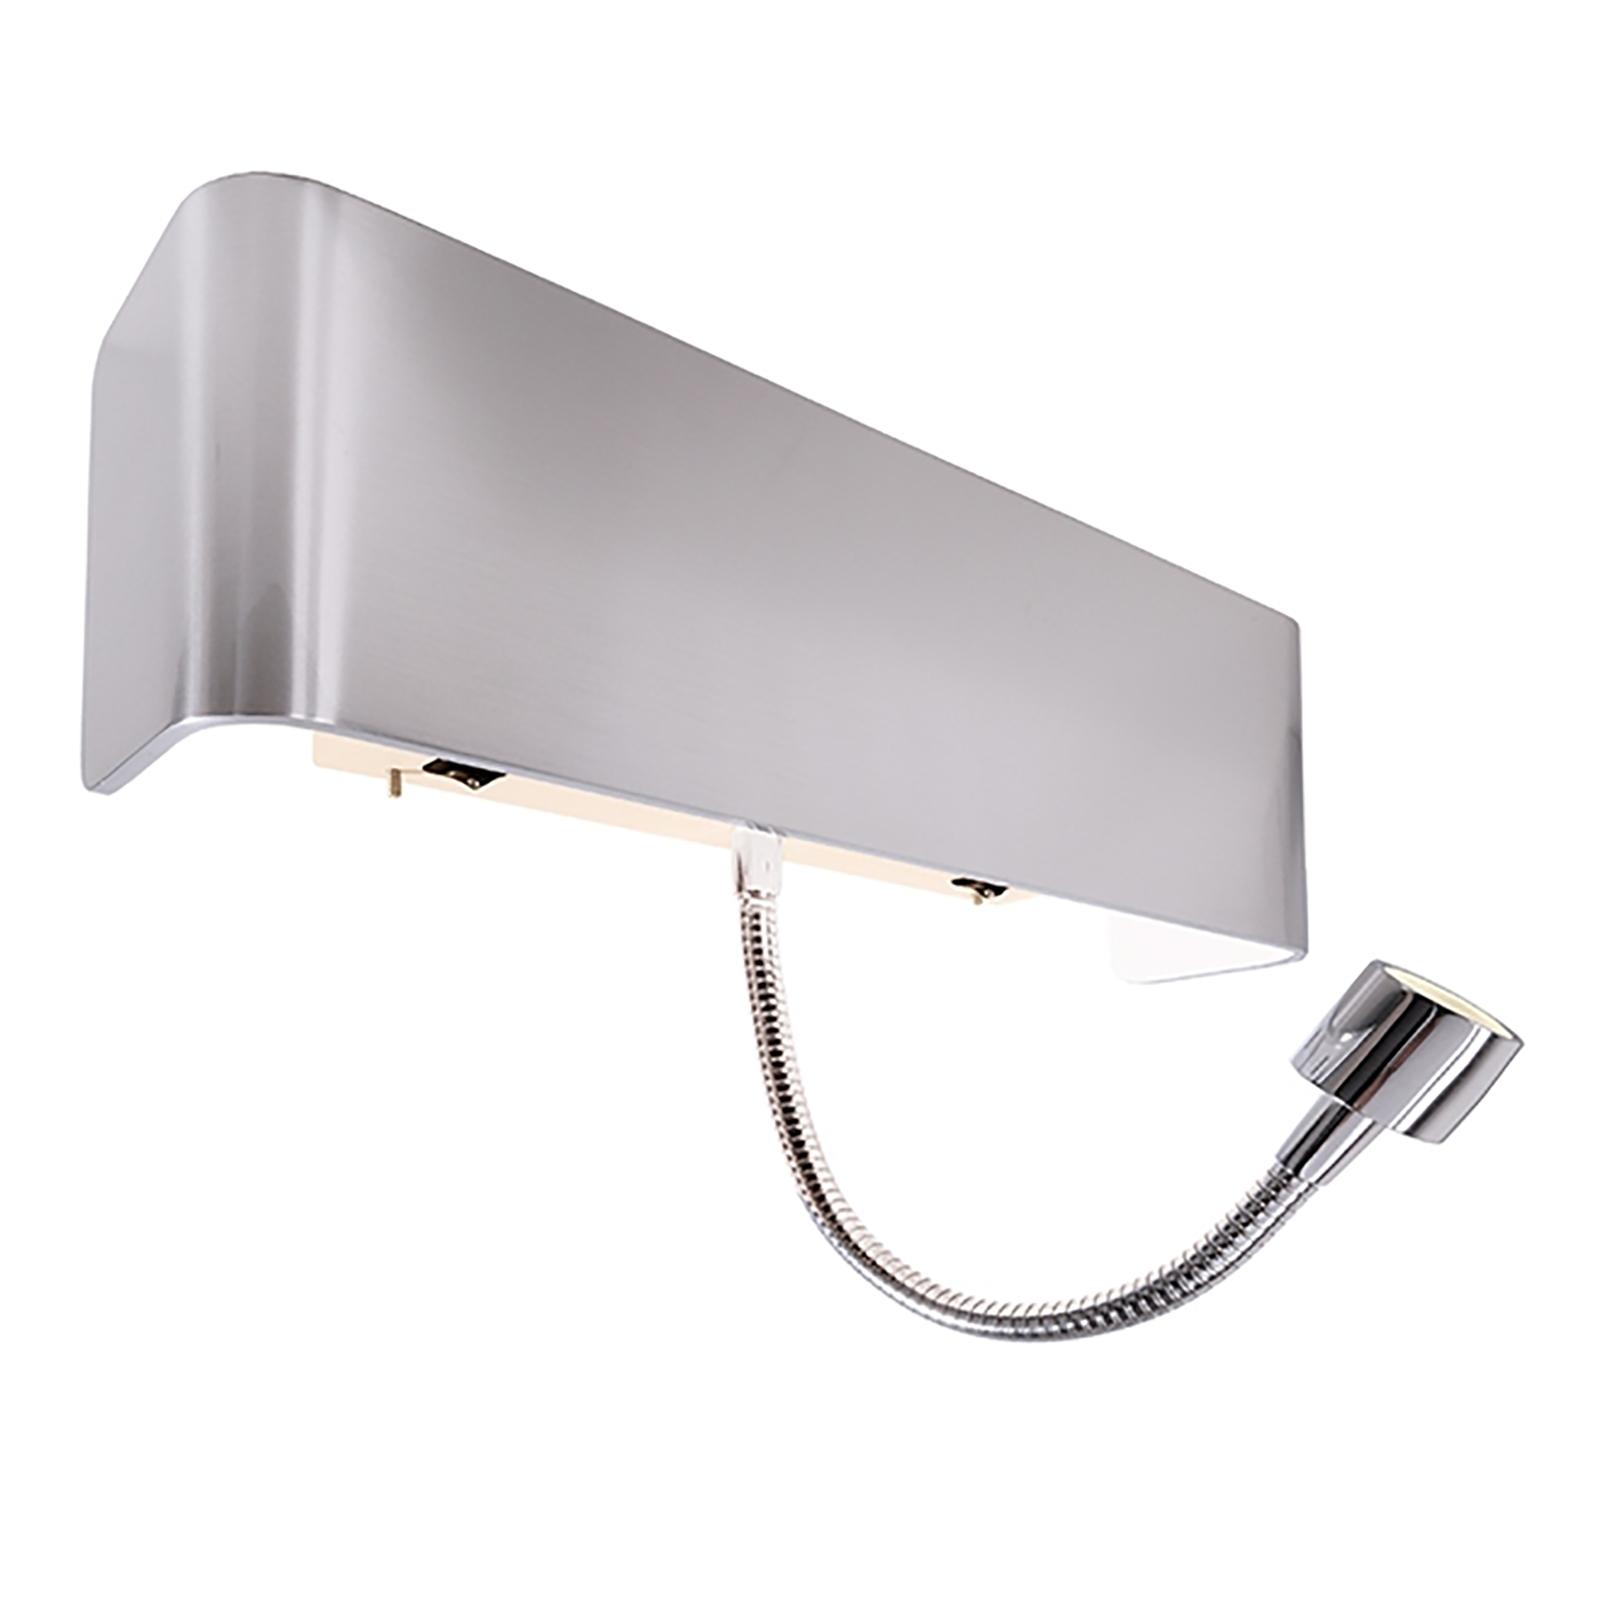 Lampade Da Parete Con Braccio lampada parete braccio snodabile - - applique led luce